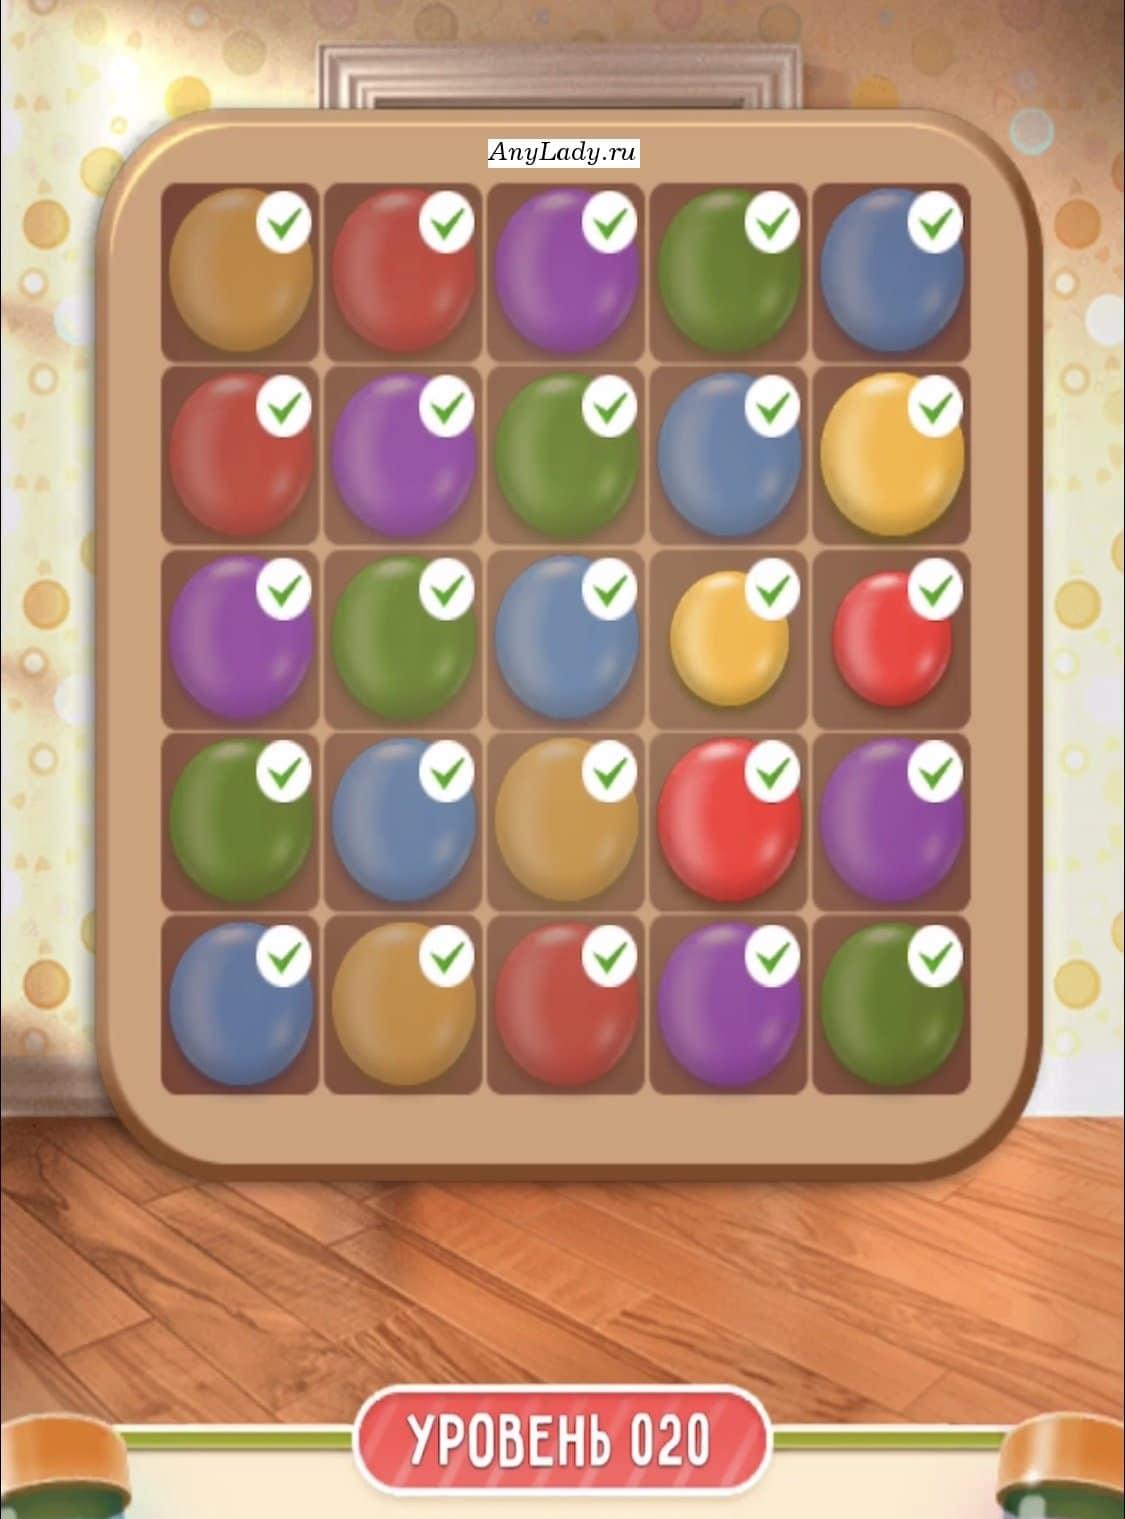 Разноцветные шарики не должны повторятся по горизонтали и вертикали. Правильный ответ Вы увидите на фото.